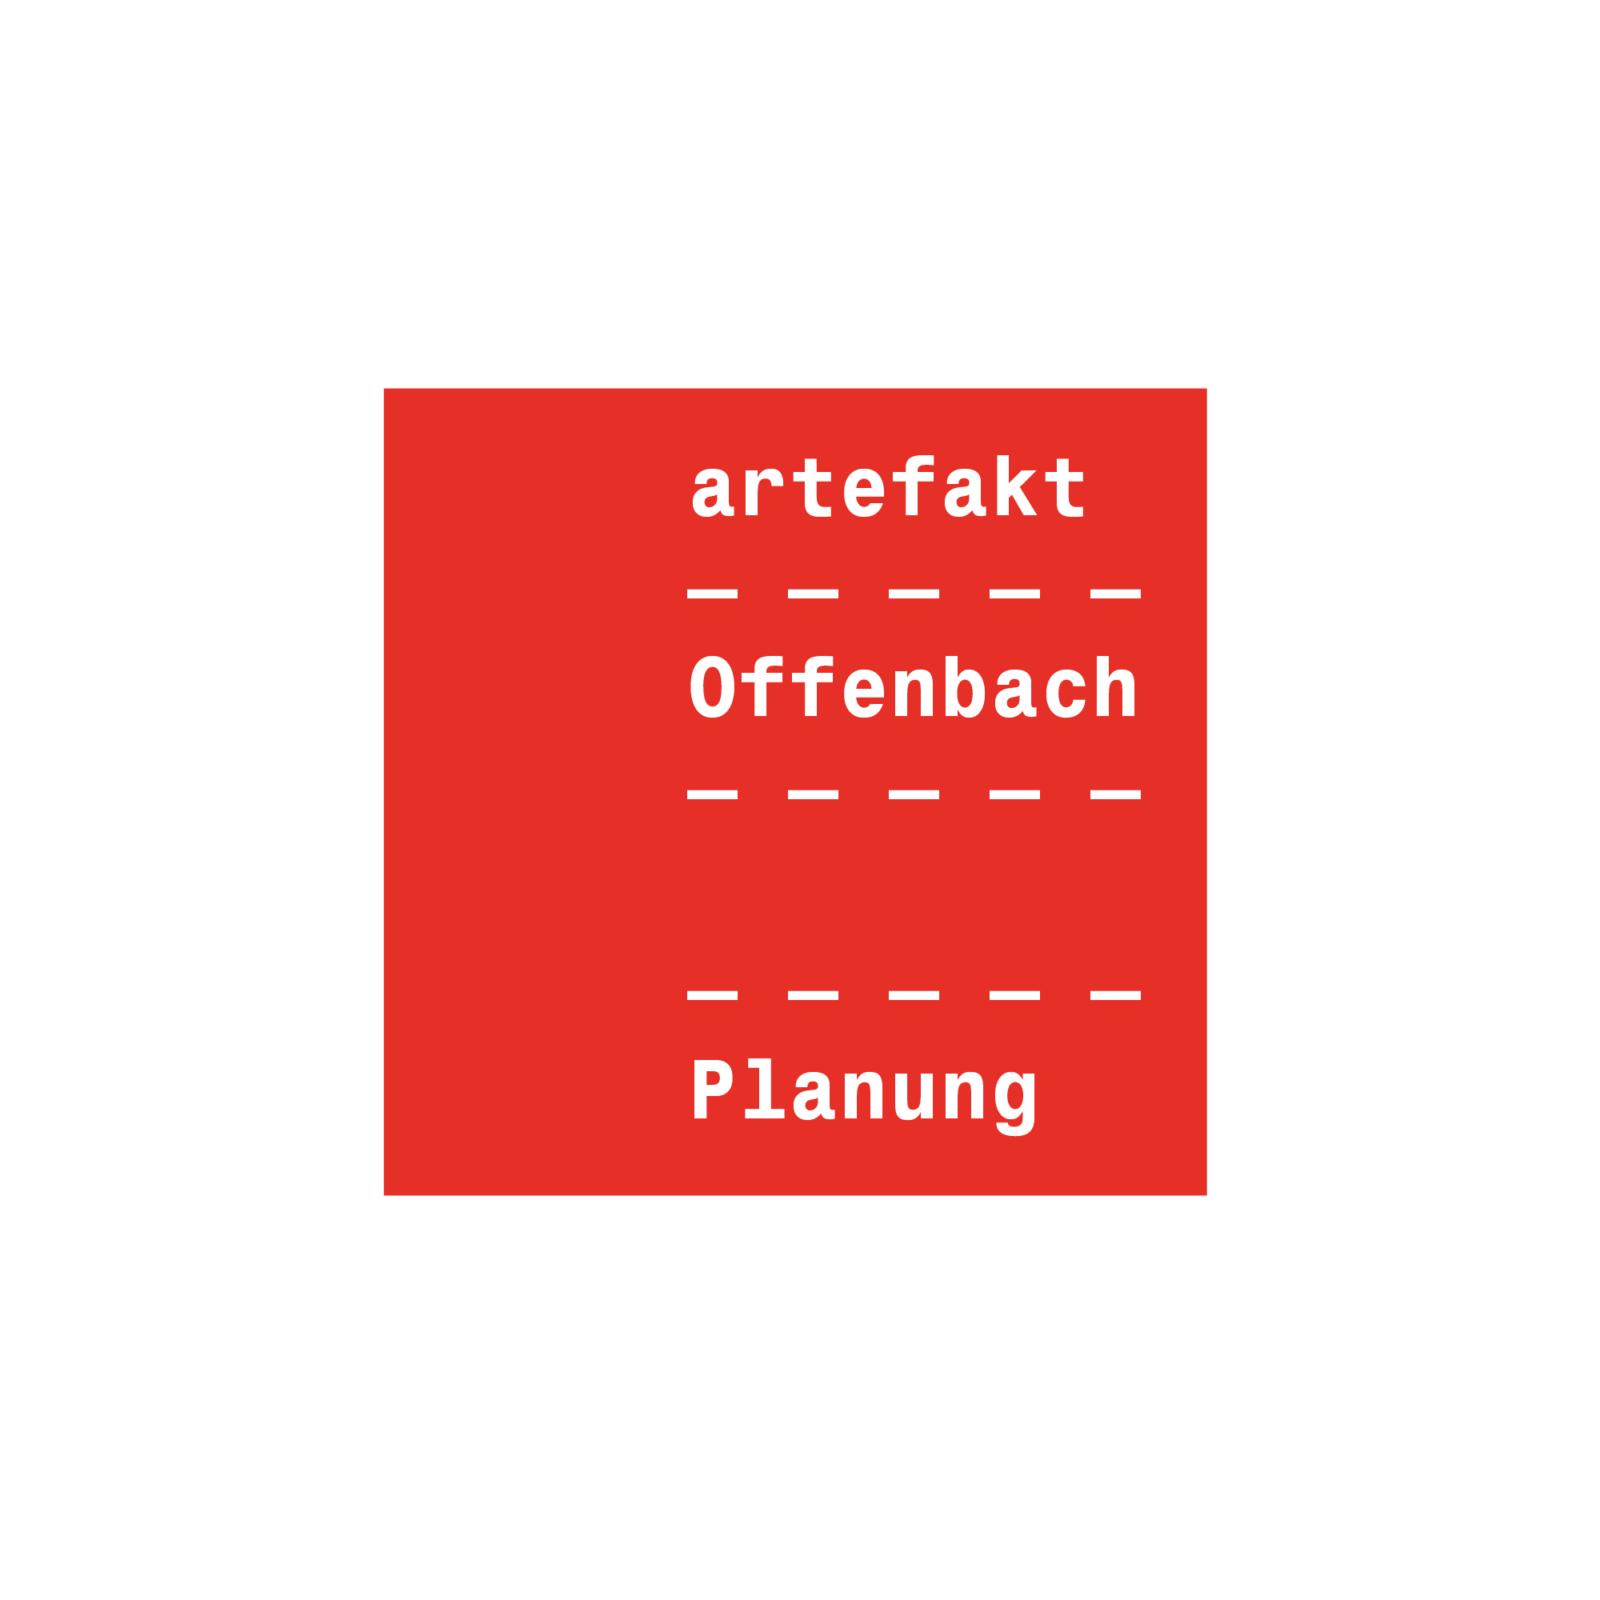 artefakt Offenbach